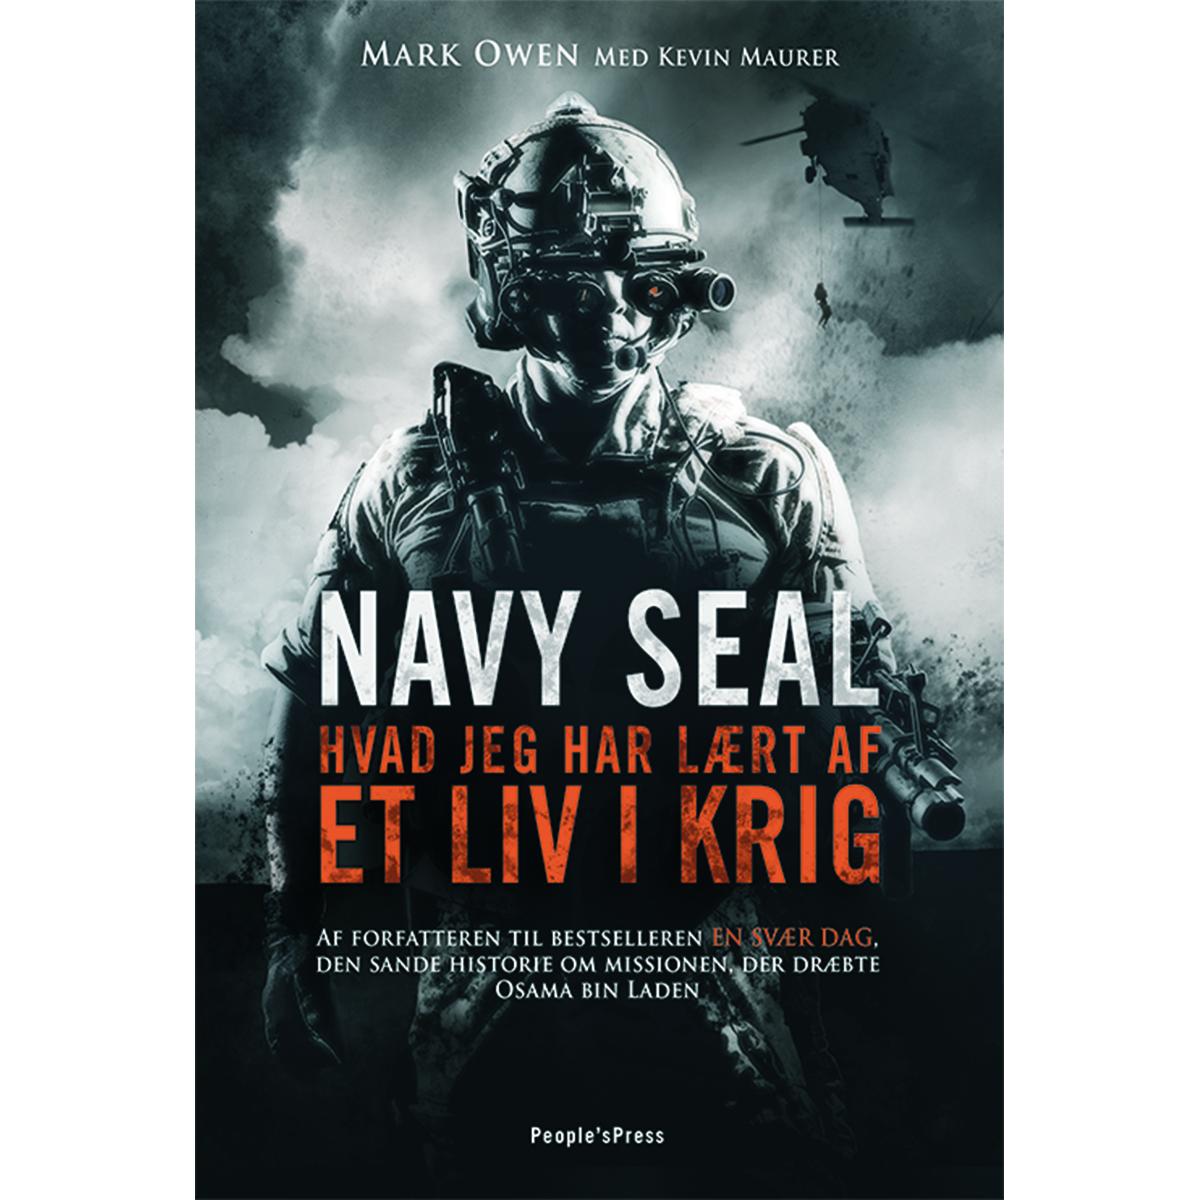 Navy Seal - hvad jeg har lært af et liv i krig - Hæftet